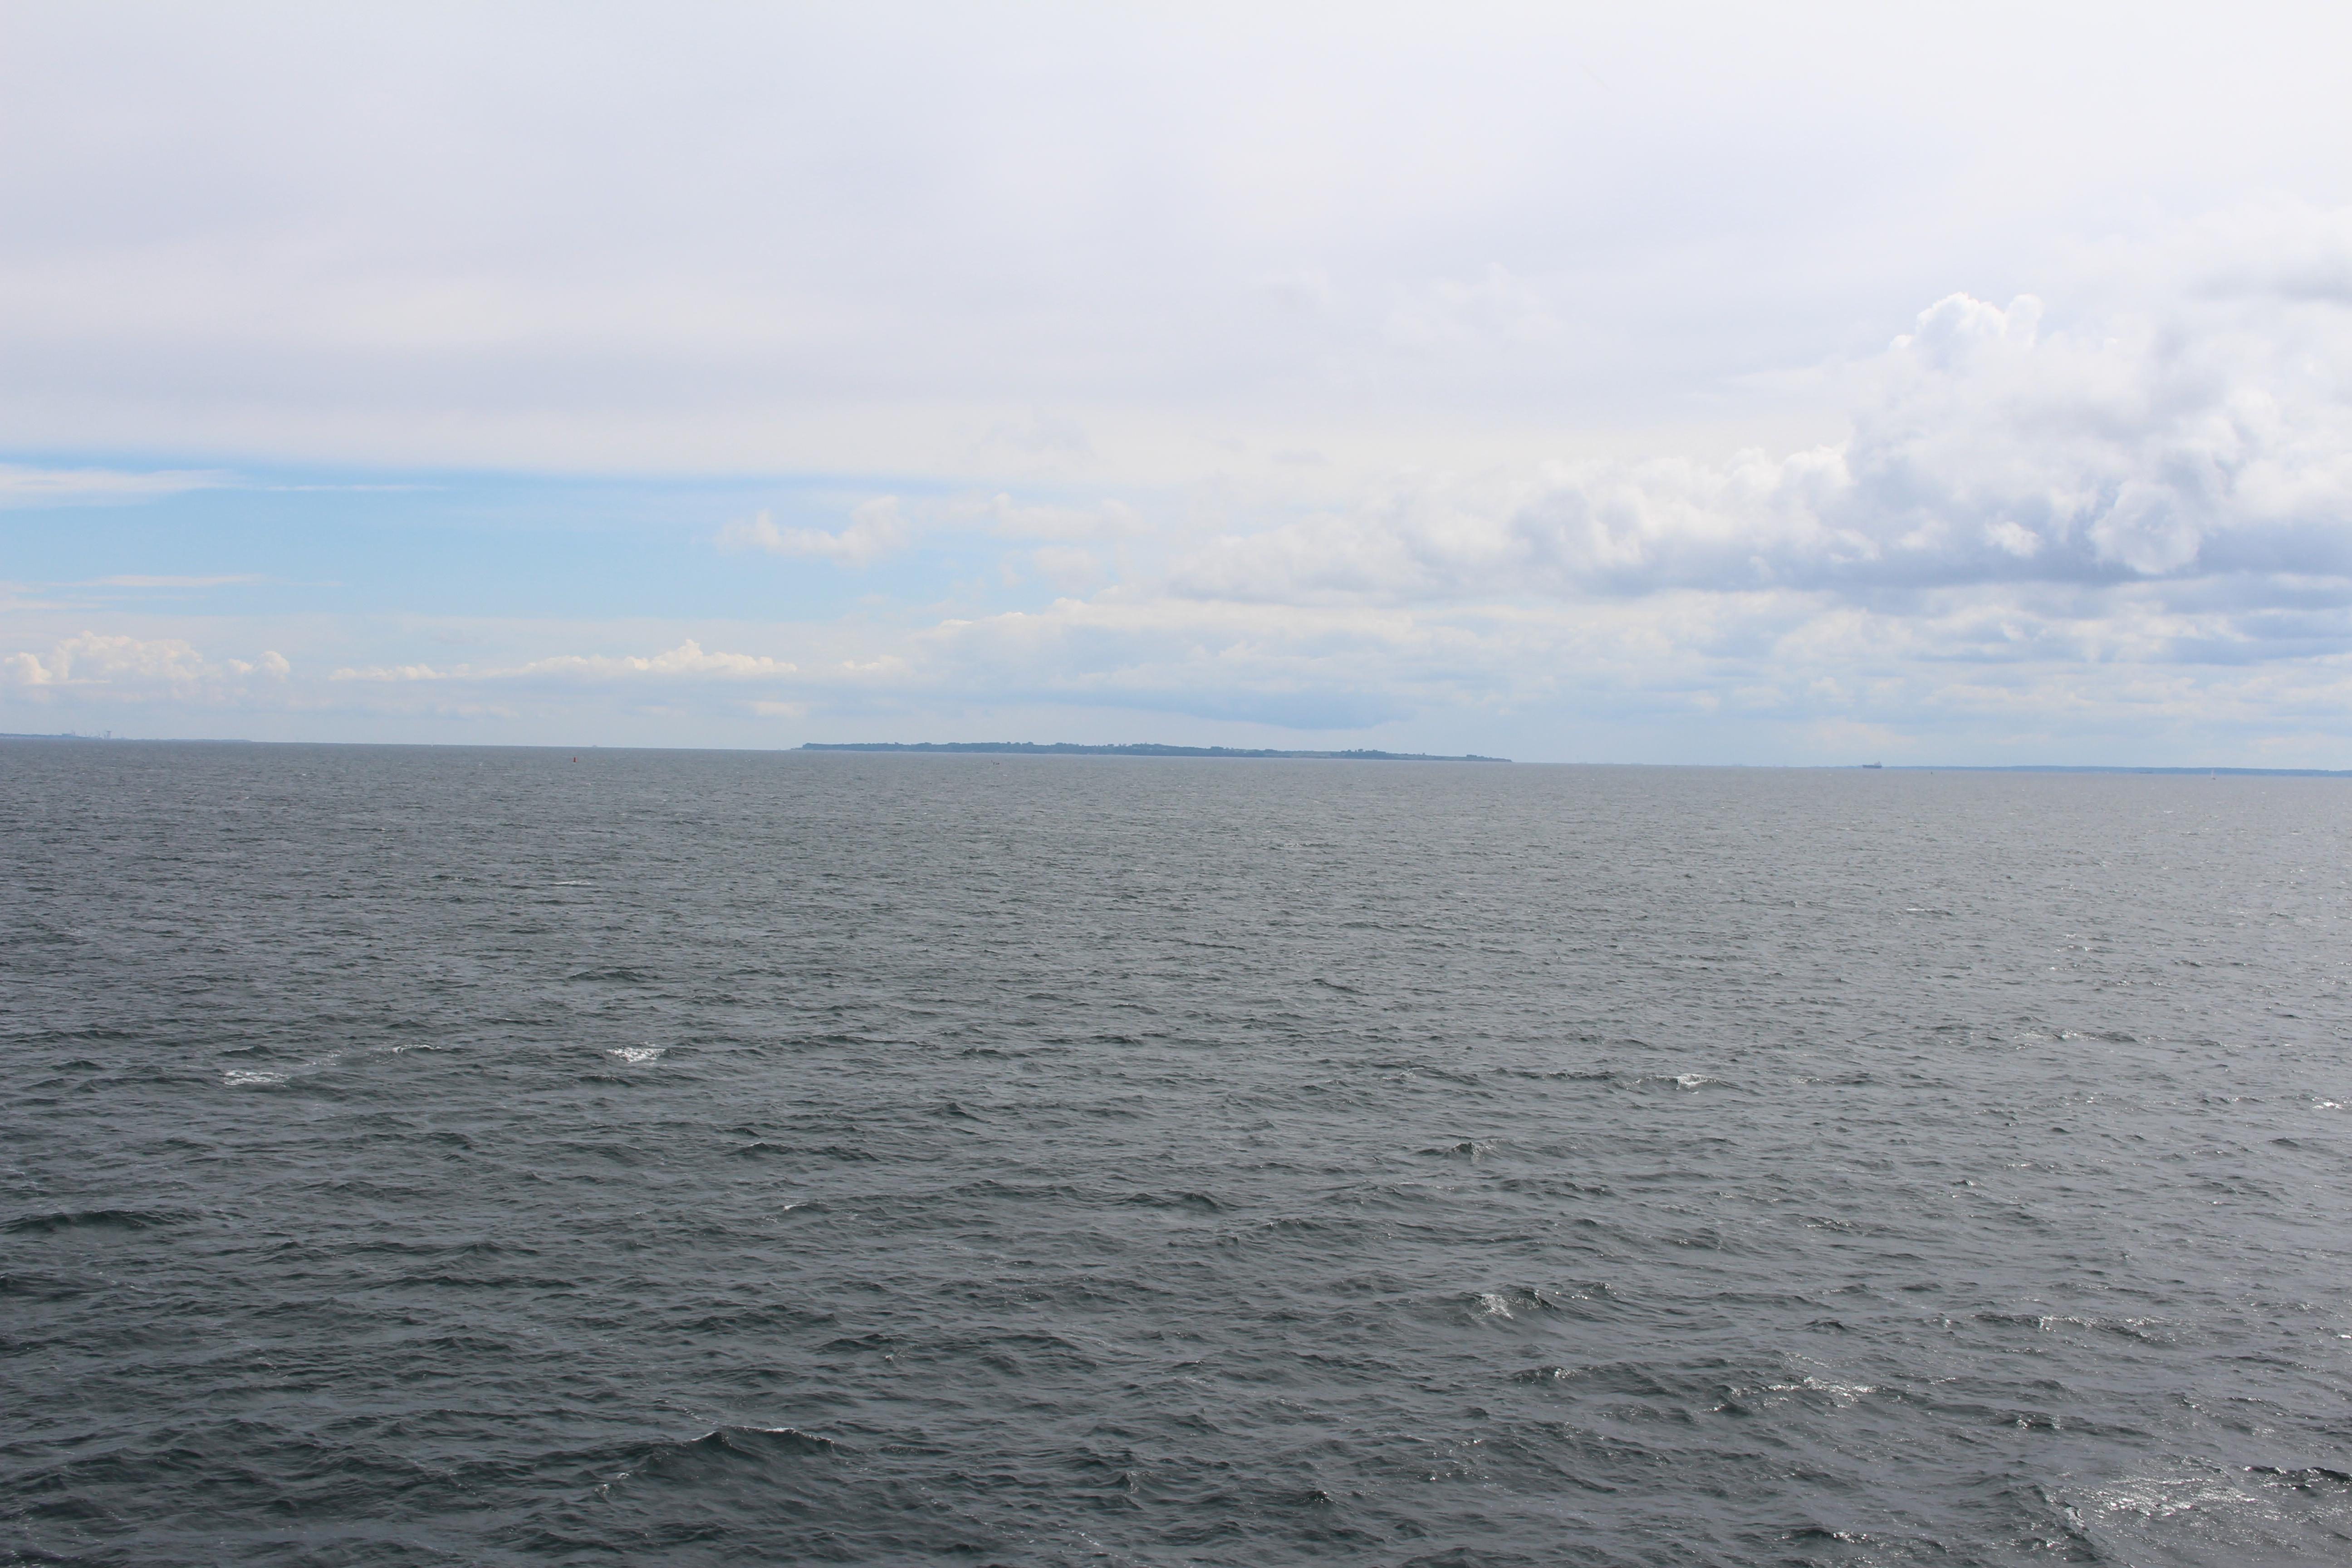 Det är stor skillnad på havet i Danmark och i Kroatien. Här är det grått, men där är det turkosblått.